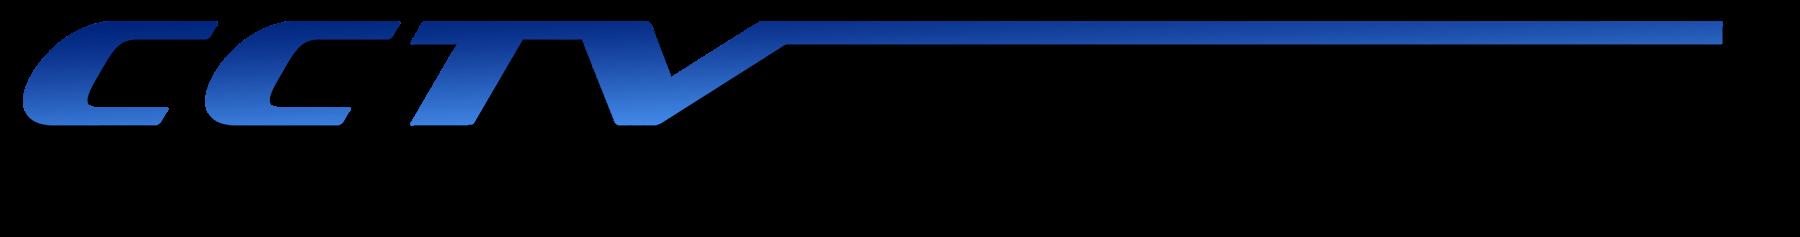 Logo CCTVSecurityPros